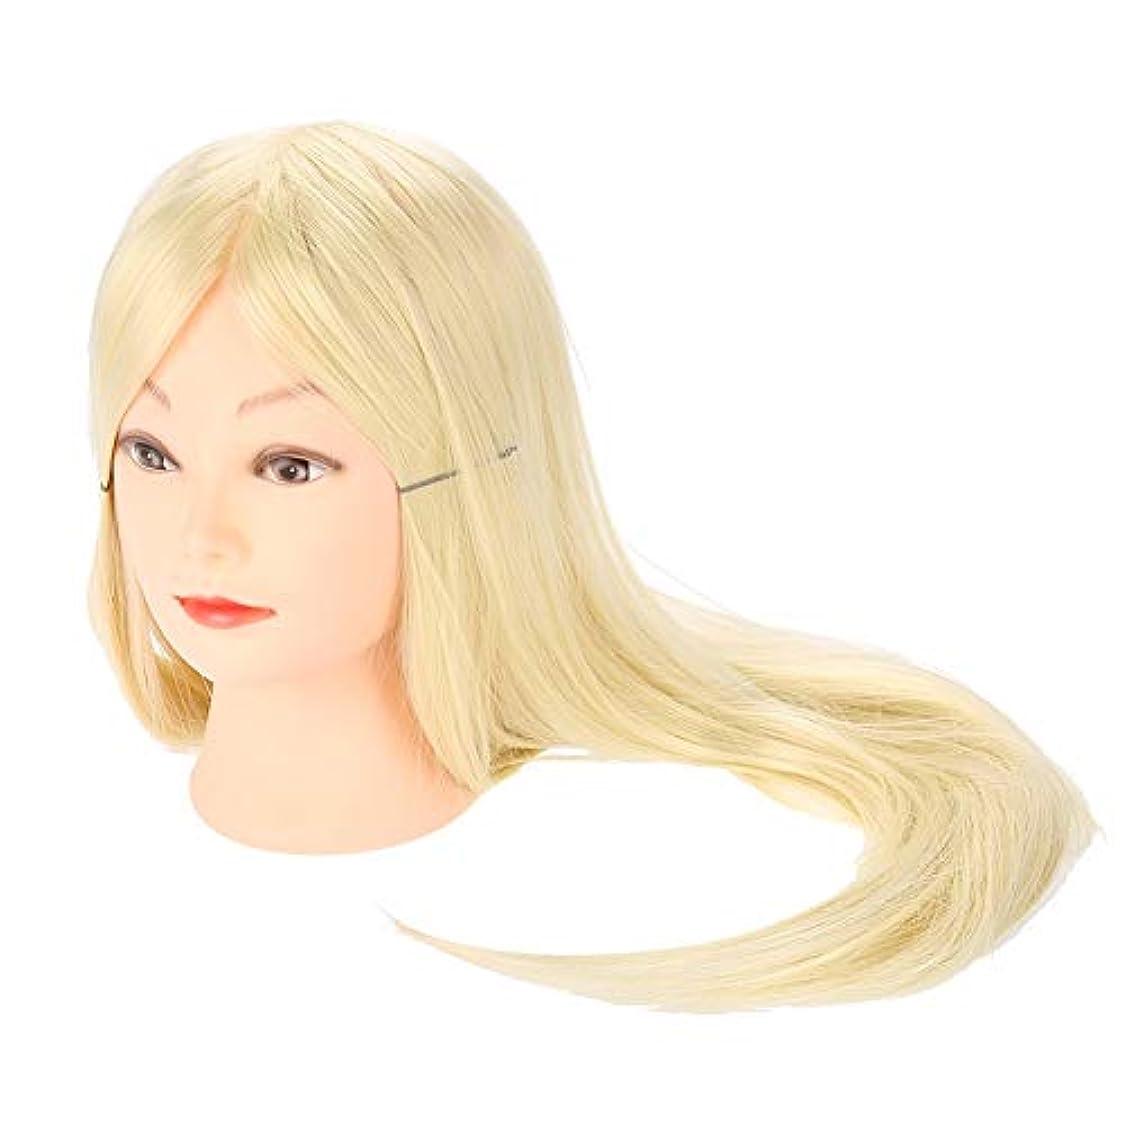 ペネロペ理由糸編み込み練習用 モデルロングヘア理髪 編組セットツール 美容室サロン ウィッグマネキンヘッド メイクトレーニング用 ヘア編み込み ダミーヘッド レディウィッグ レディー